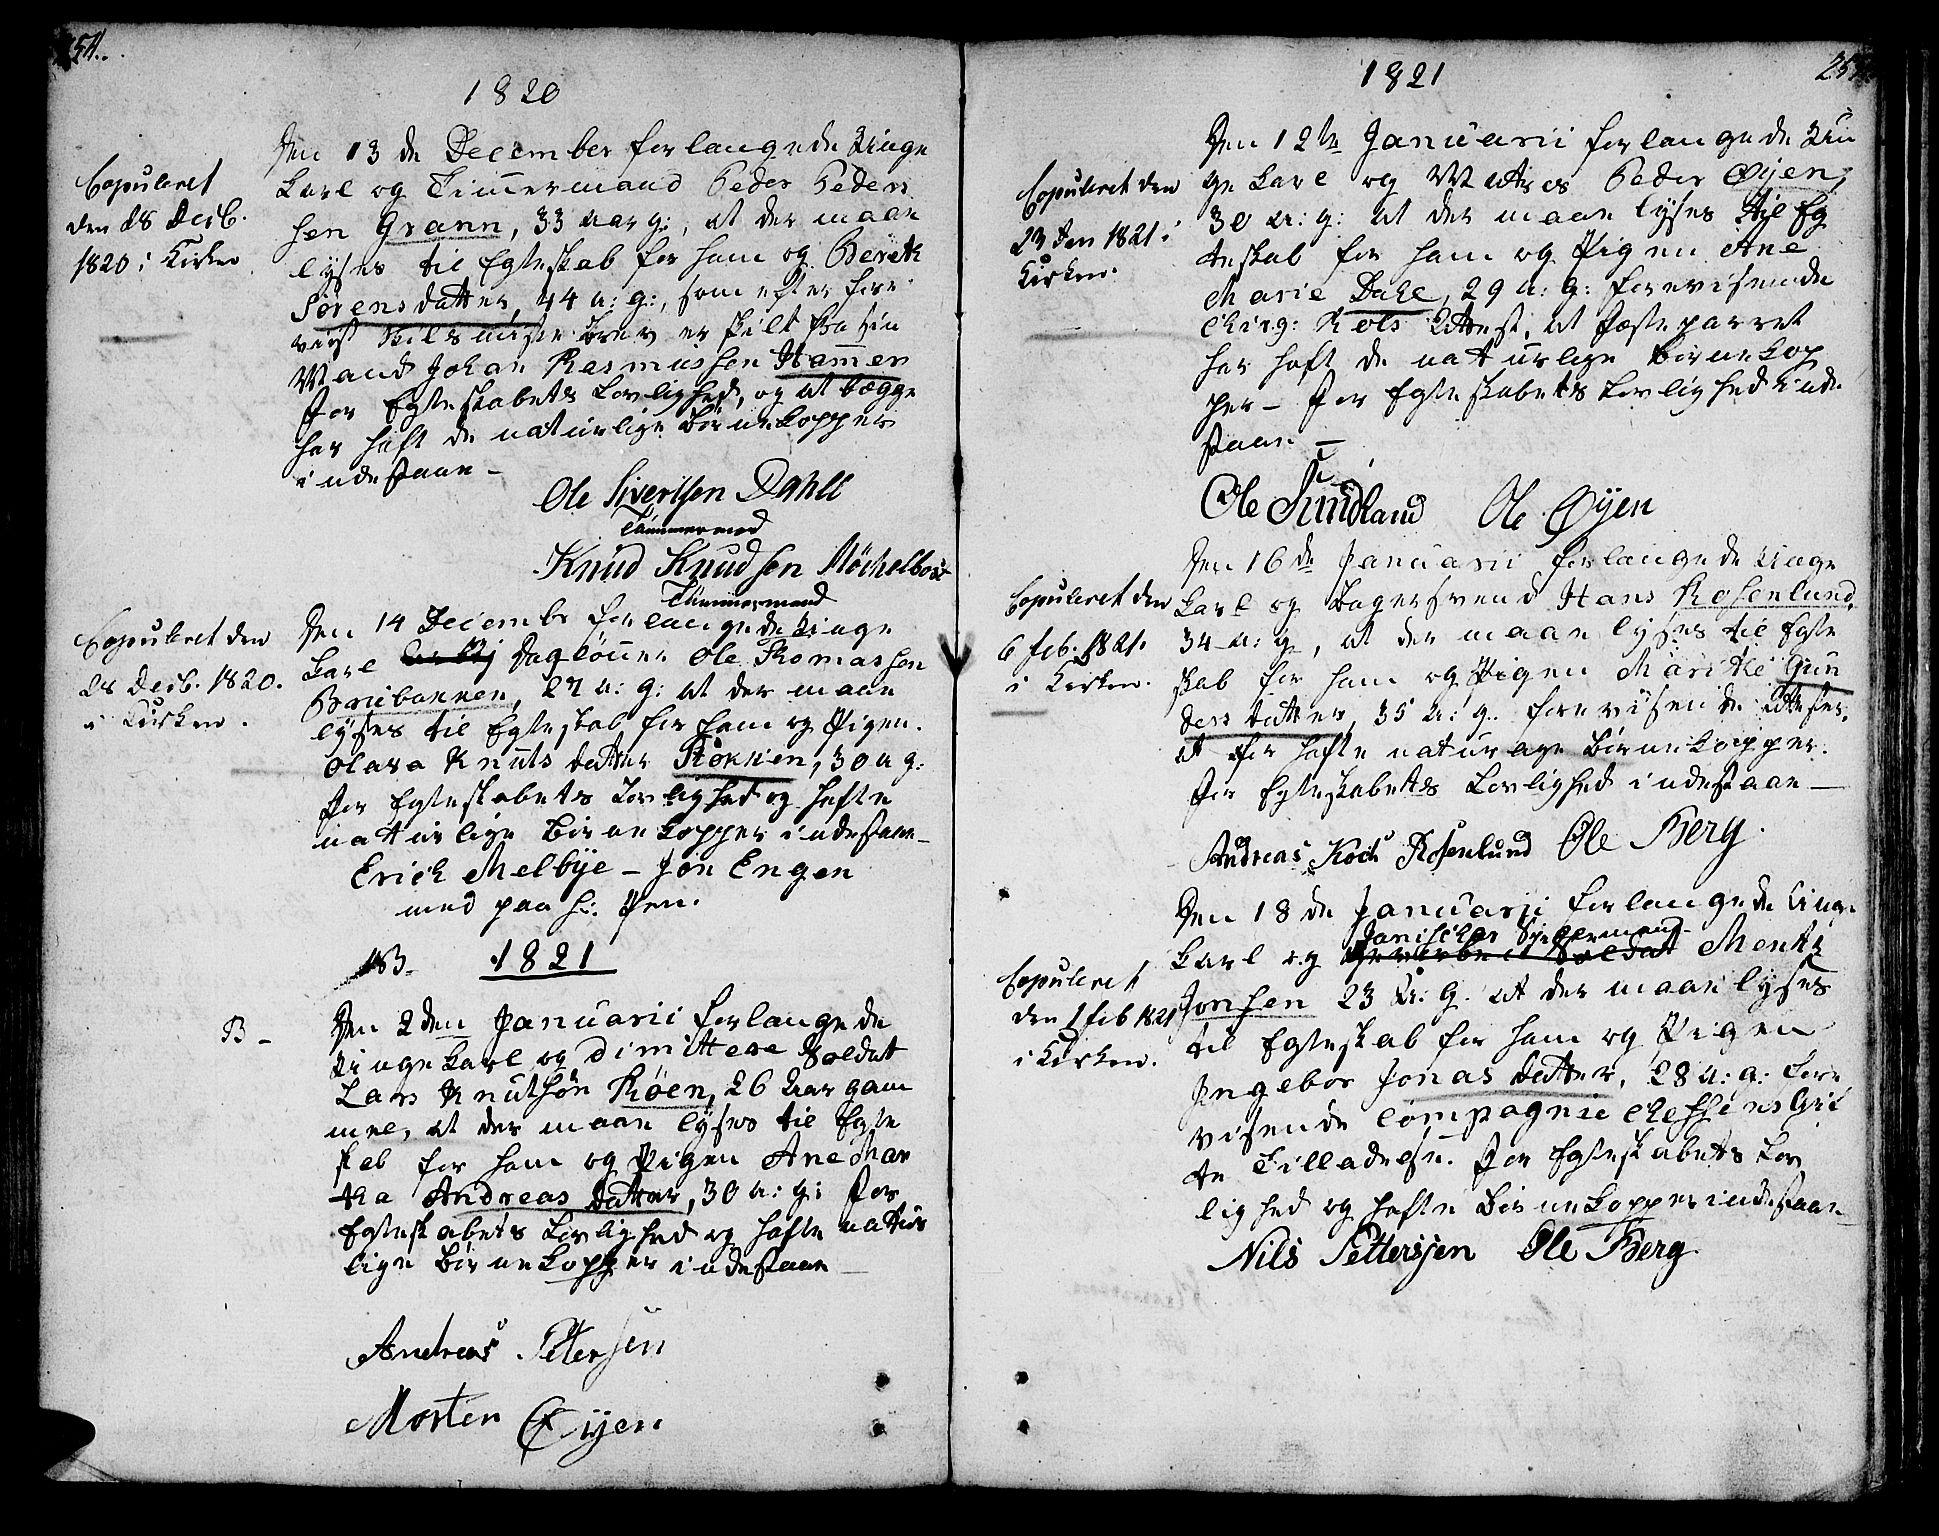 SAT, Ministerialprotokoller, klokkerbøker og fødselsregistre - Sør-Trøndelag, 601/L0042: Ministerialbok nr. 601A10, 1802-1830, s. 254-255